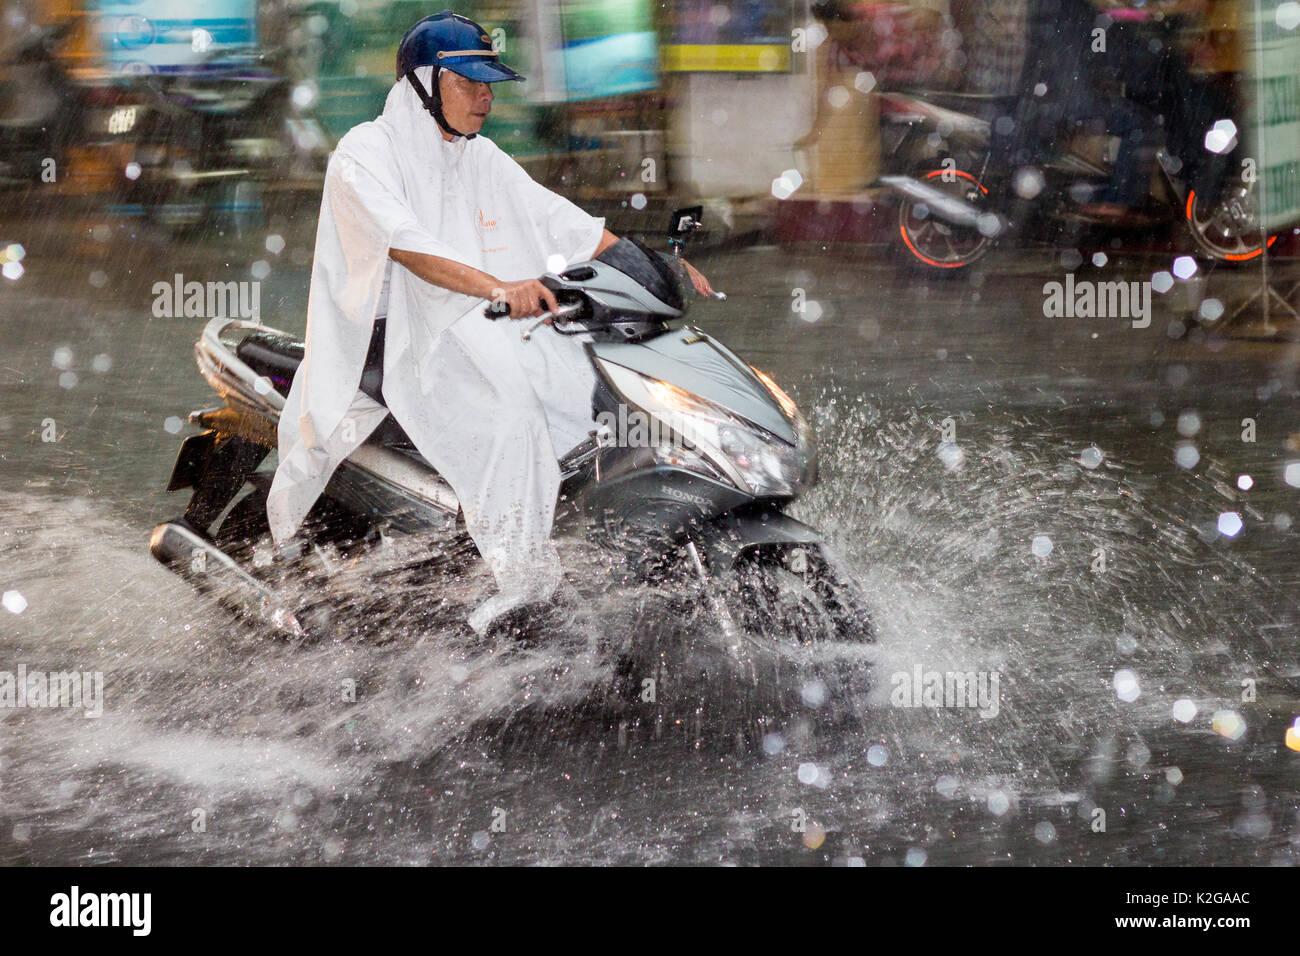 Hombre en moto duros a través de las inundaciones y lluvias torrenciales en la calle Bui Vien, Ciudad Ho Chi Minh (Saigón), Vietnam Imagen De Stock